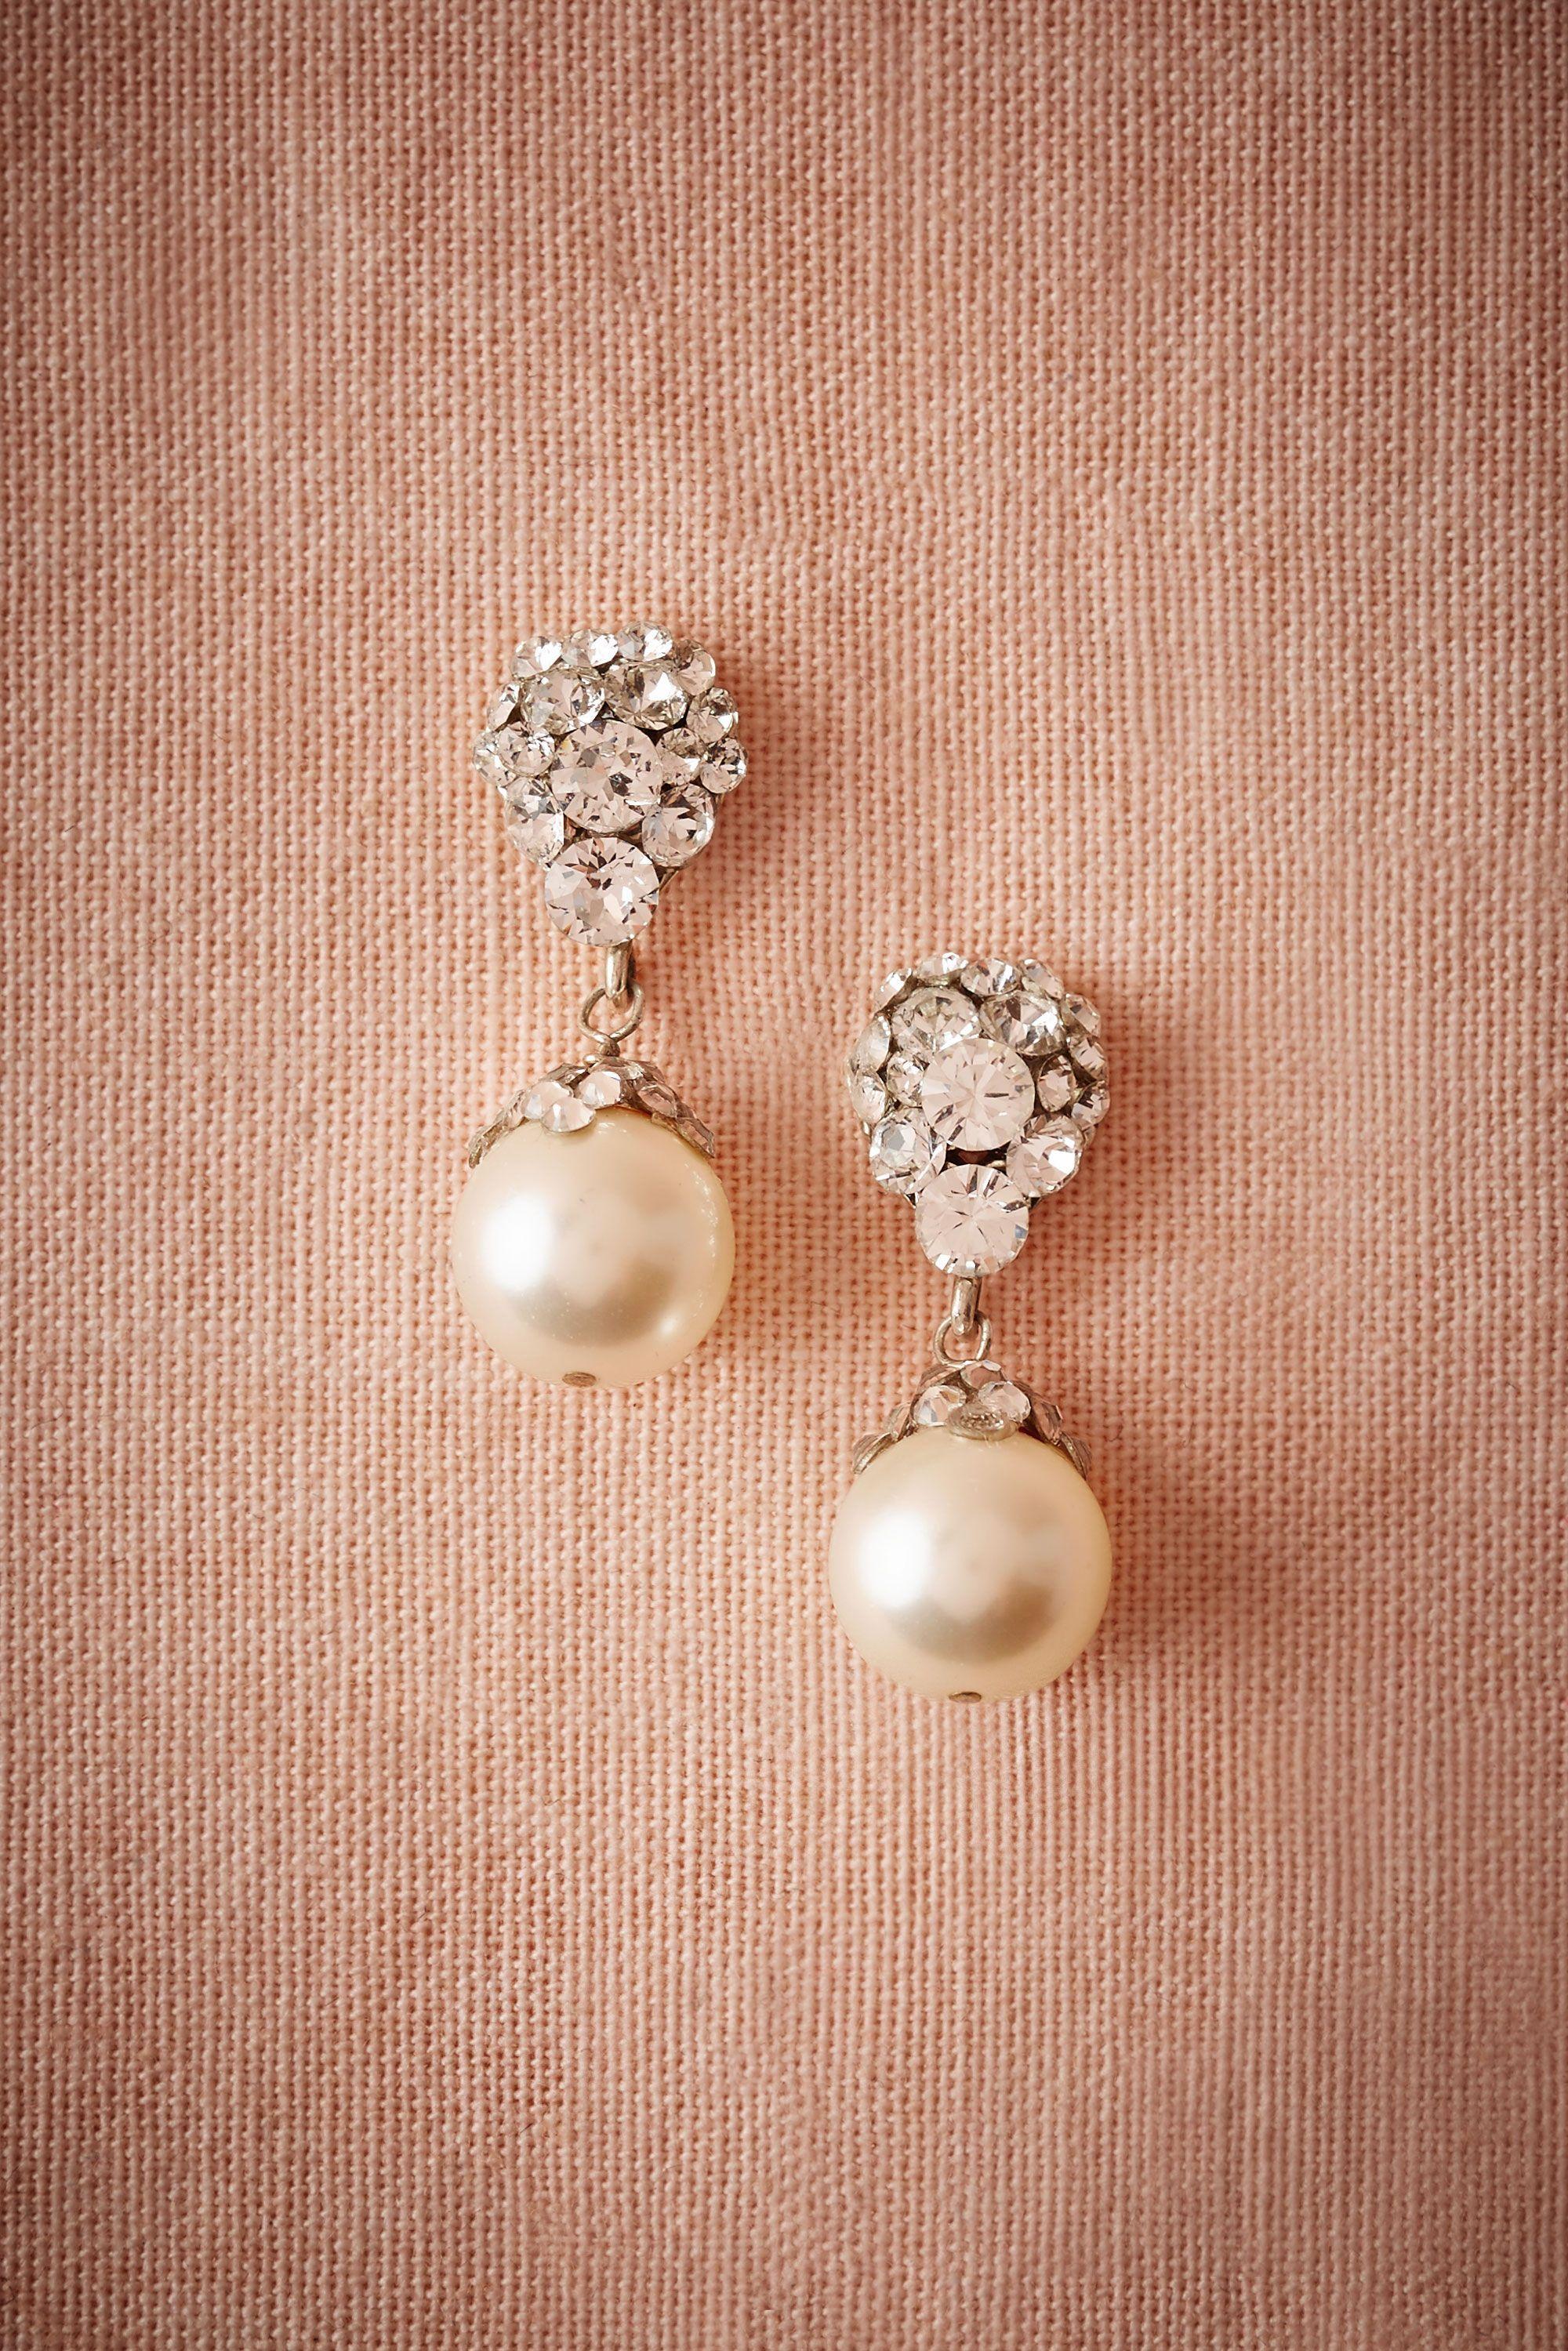 Vintage pearl drop gold earrings bocheron pearl earrings gold - Bhldn Blushing Pearl Drop Earrings In Bride Bridal Jewelry Earrings At Bhldn